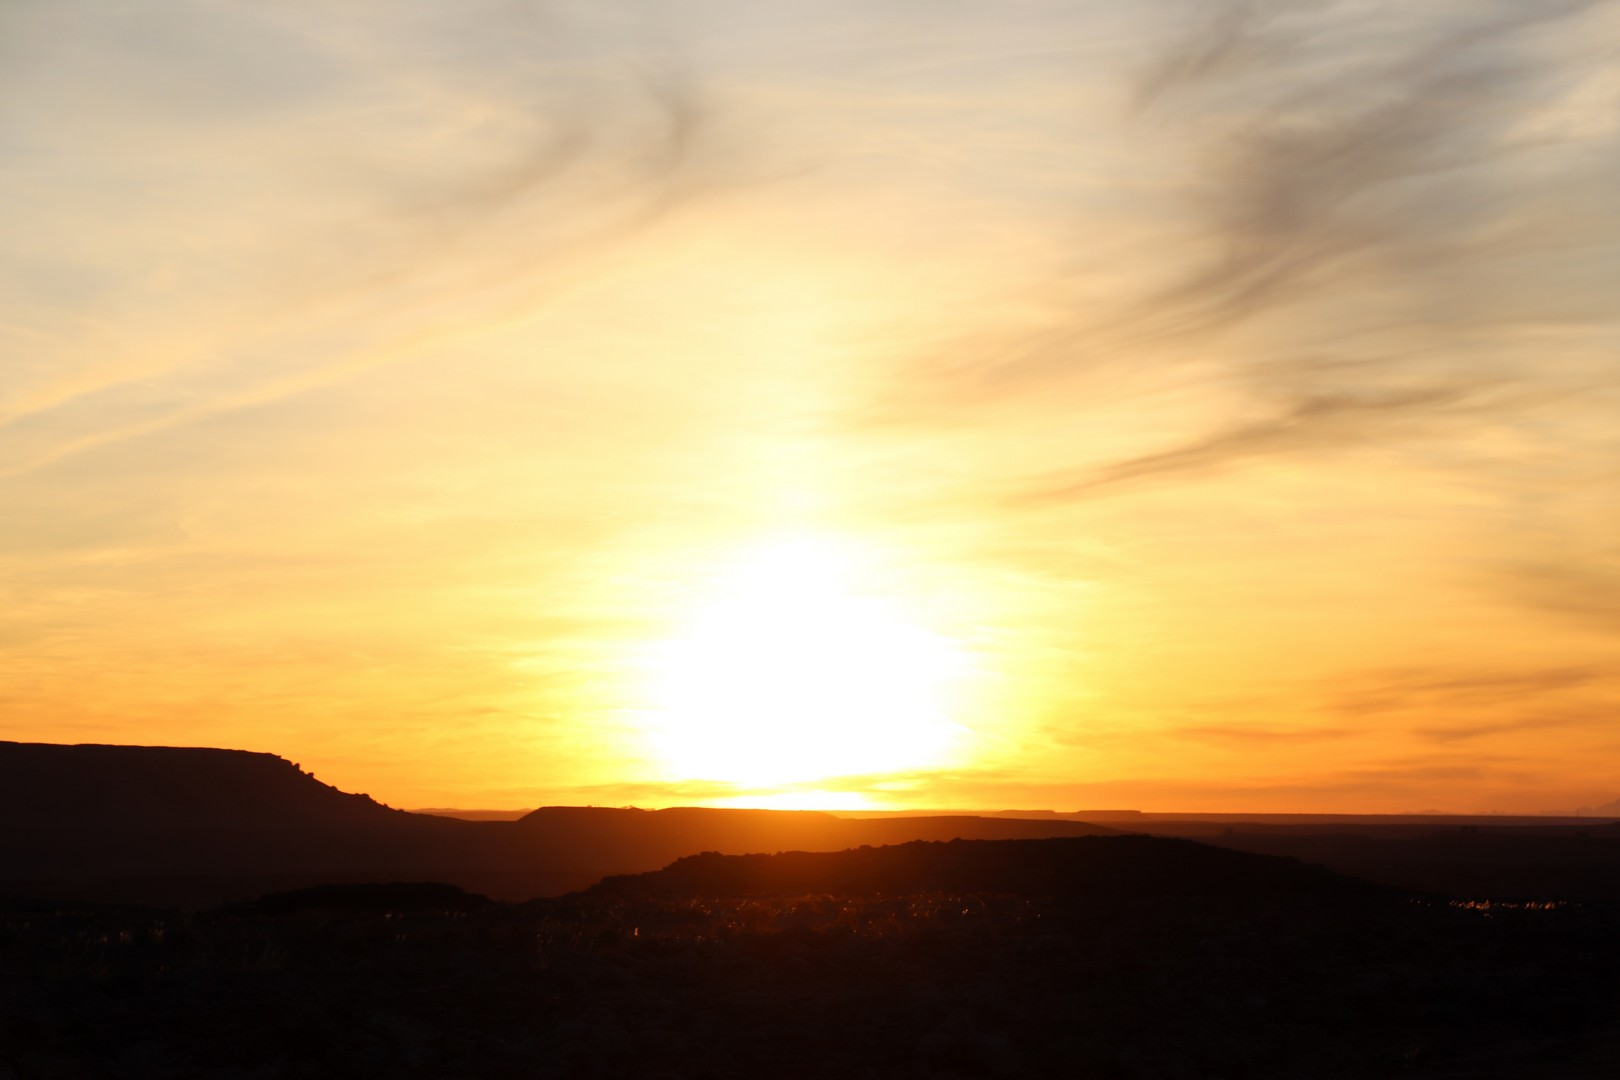 Maroc - Lever de soleil sur la route de Ouarzazate à Marrakech